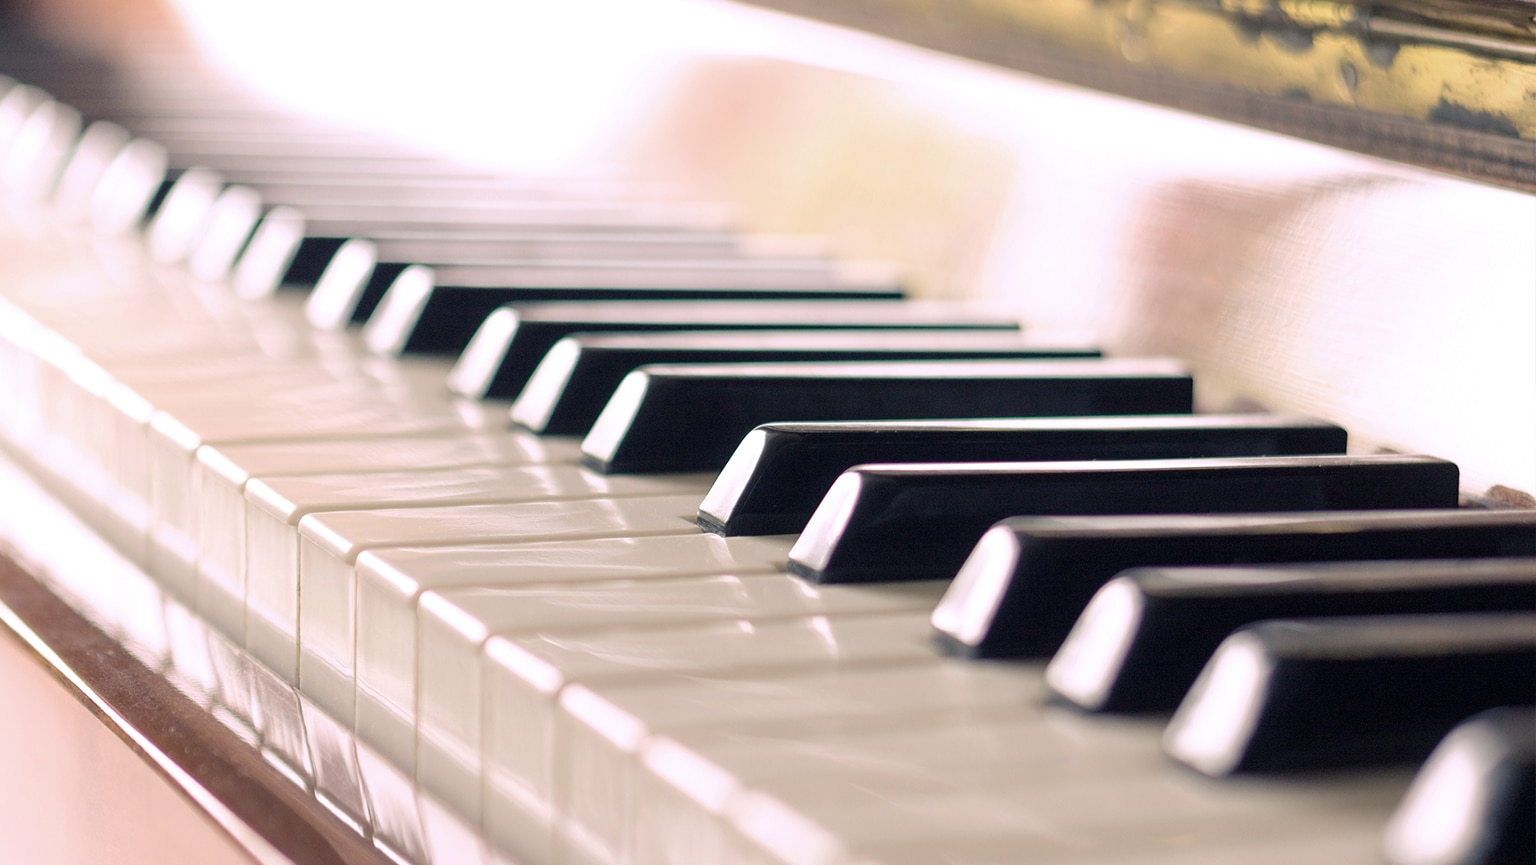 Картинка с клавишами фортепиано, такое